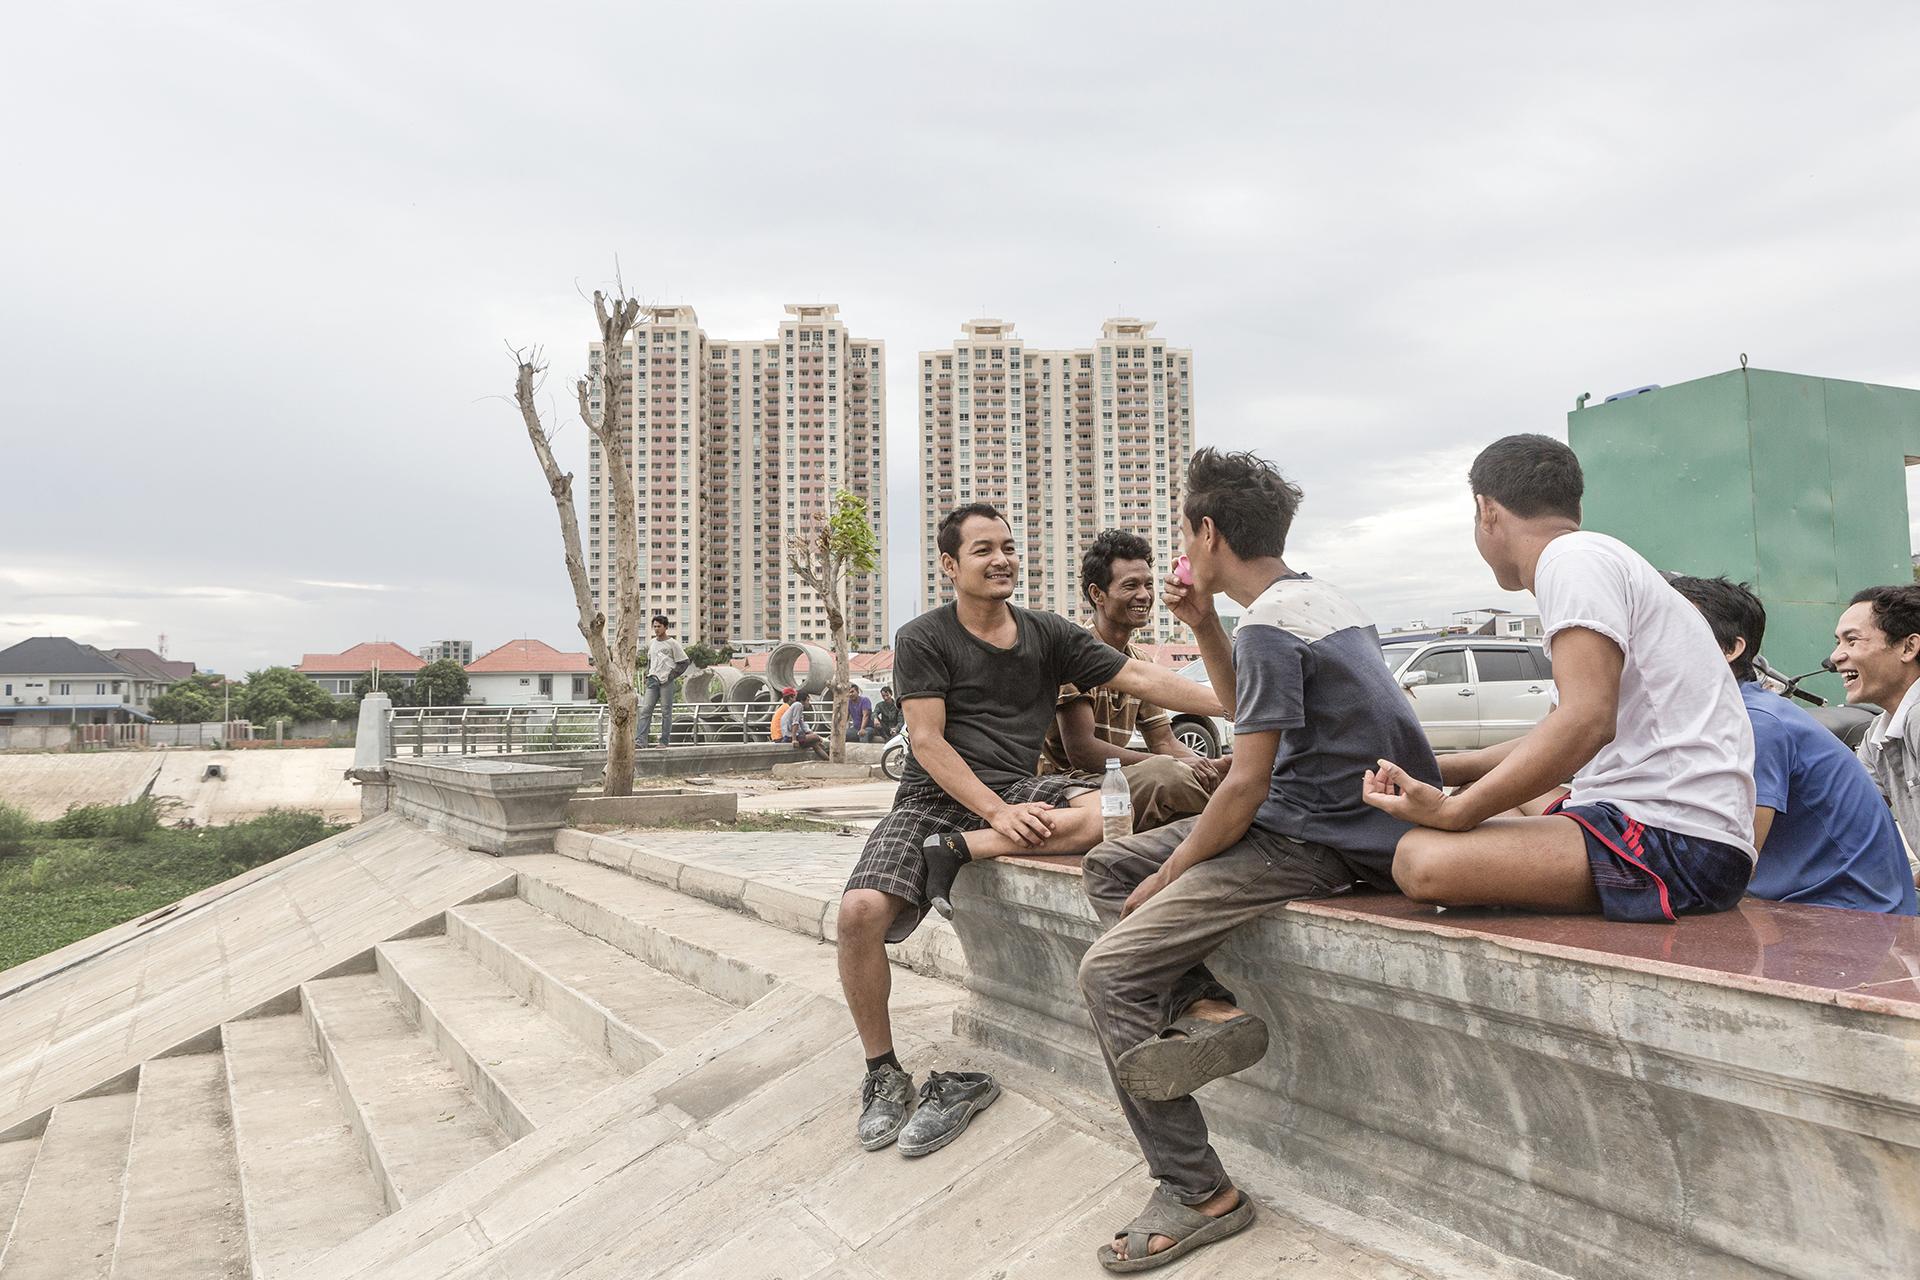 Fin de journée pour ces travailleurs. Ils se retrouvent autour d'un alcool de riz et de quelques cigarettes.